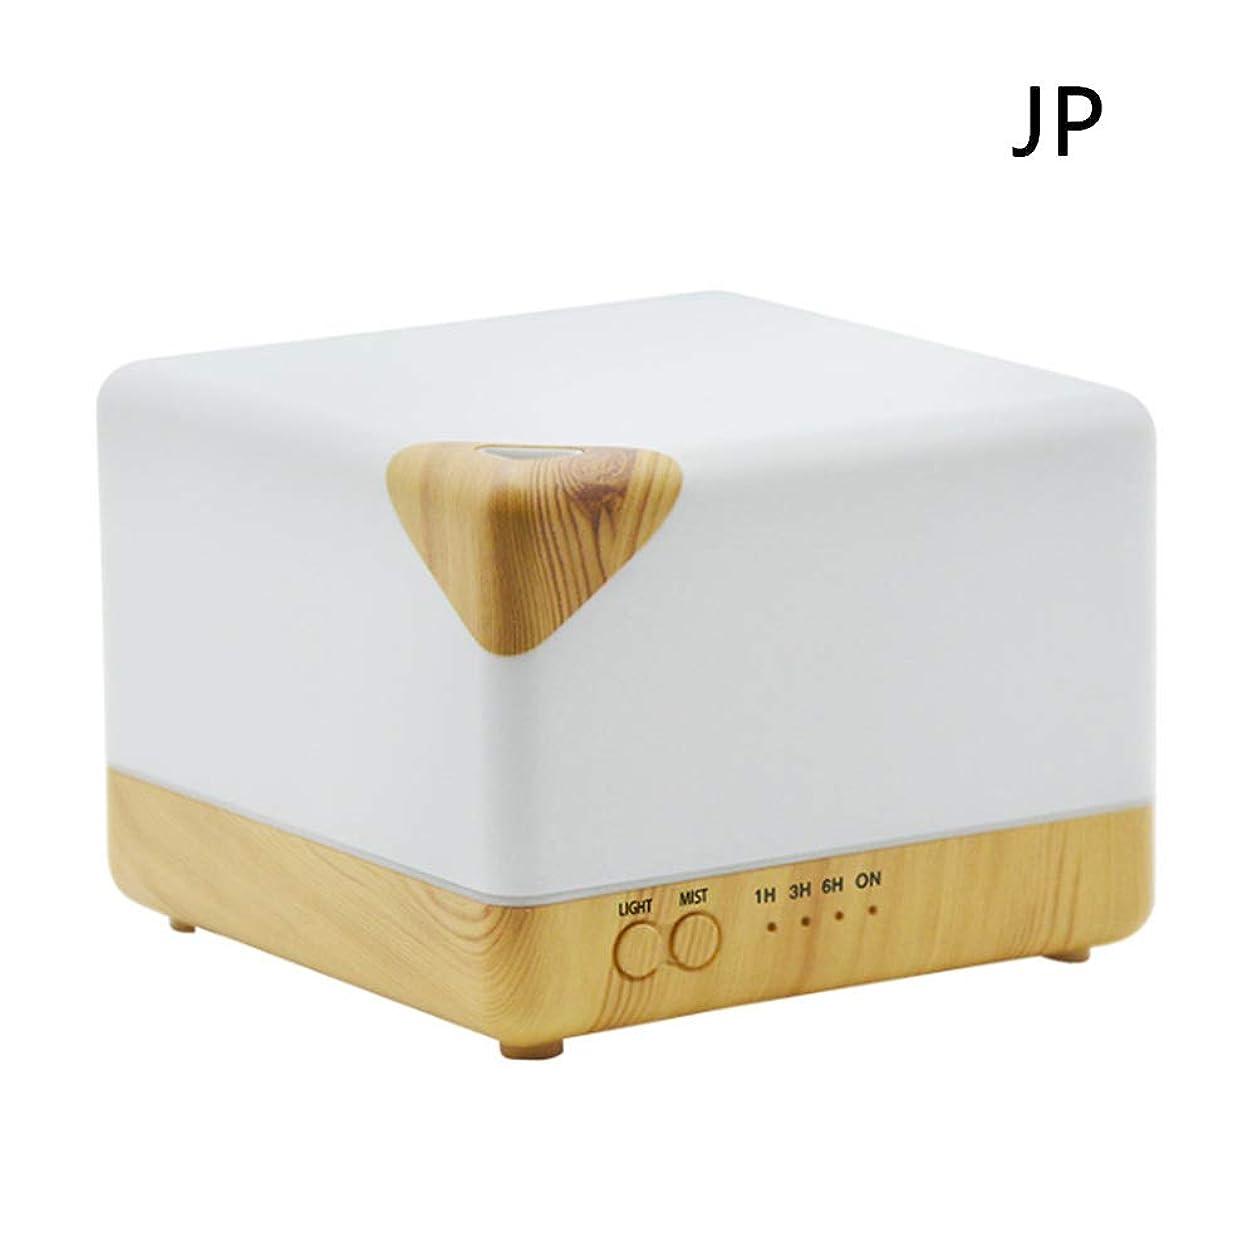 レビュアー足避けるWi-Fiスマートアロマ加湿器、700ml超音波オイルディフューザーウォーターレス自動クロージング機能エッセンシャルオイルディフューザーベッドルーム、ベビールーム用